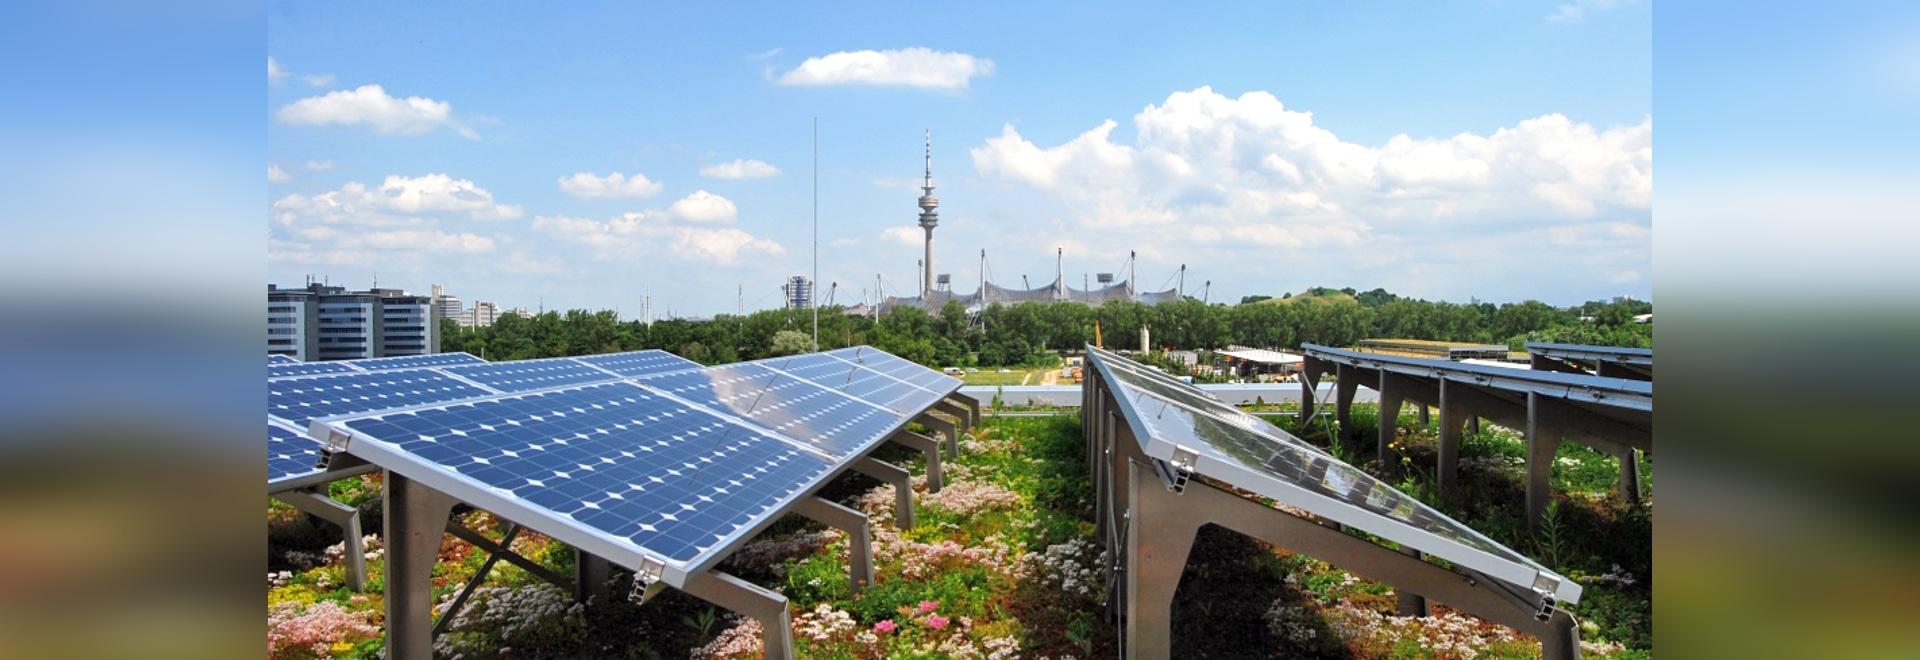 La vegetazione del tetto garantisce una temperatura ambiente più fresca e, di conseguenza, una maggiore resa dell'impianto fotovoltaico.